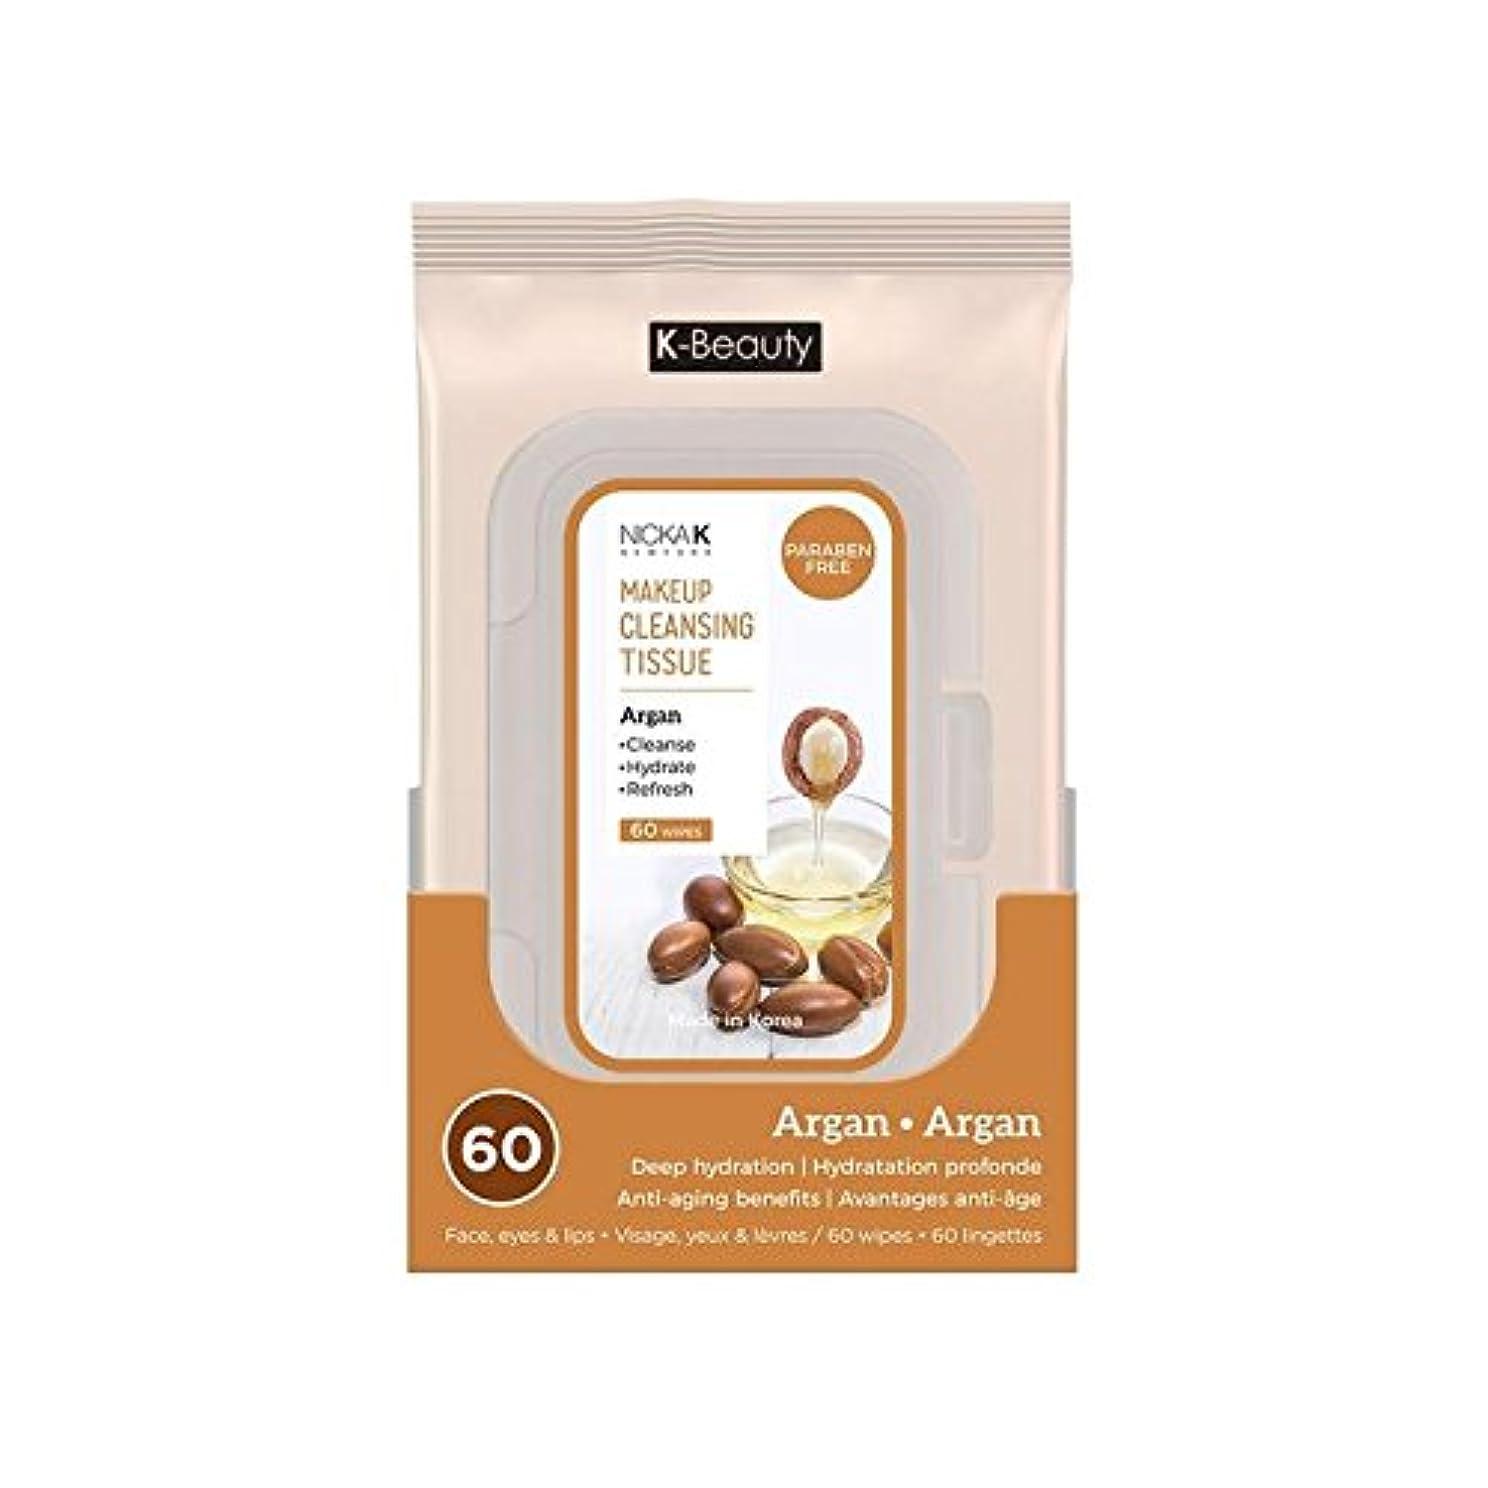 取り扱い船酔い花輪(6 Pack) NICKA K Make Up Cleansing Tissue - Argan (並行輸入品)